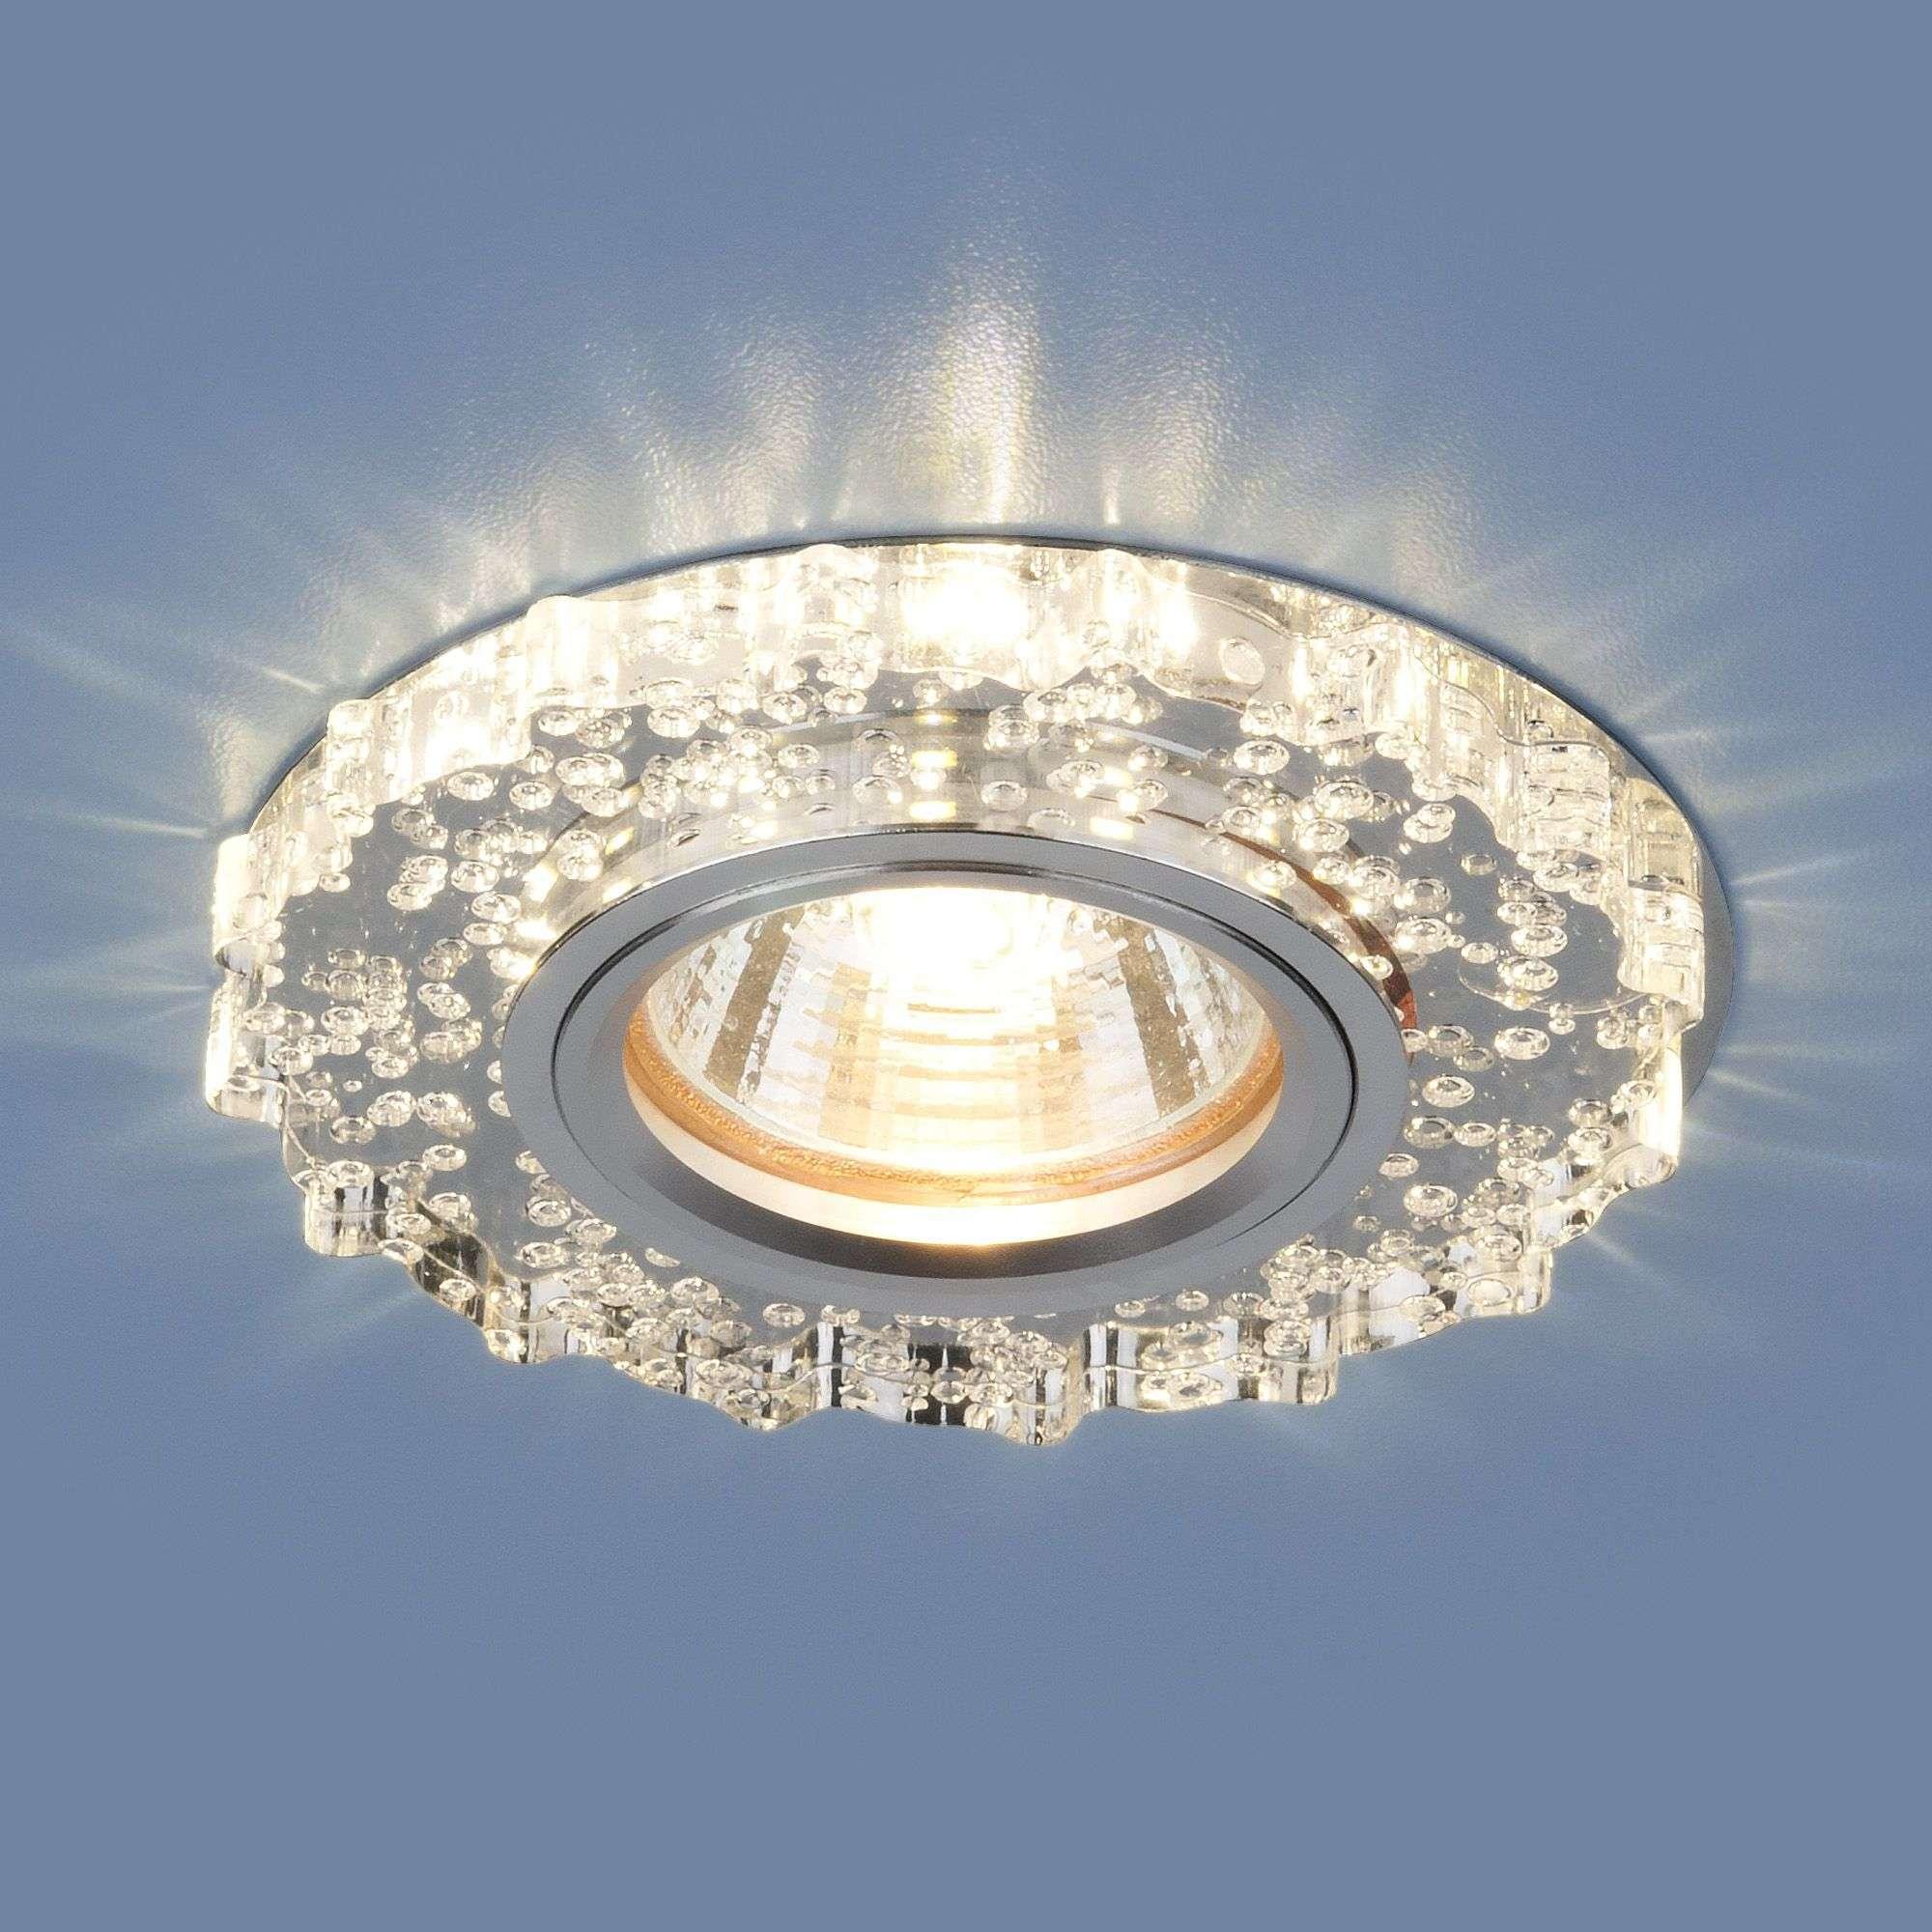 Точечный светильник с LED подсветкой 2202 MR16 CL прозрачный